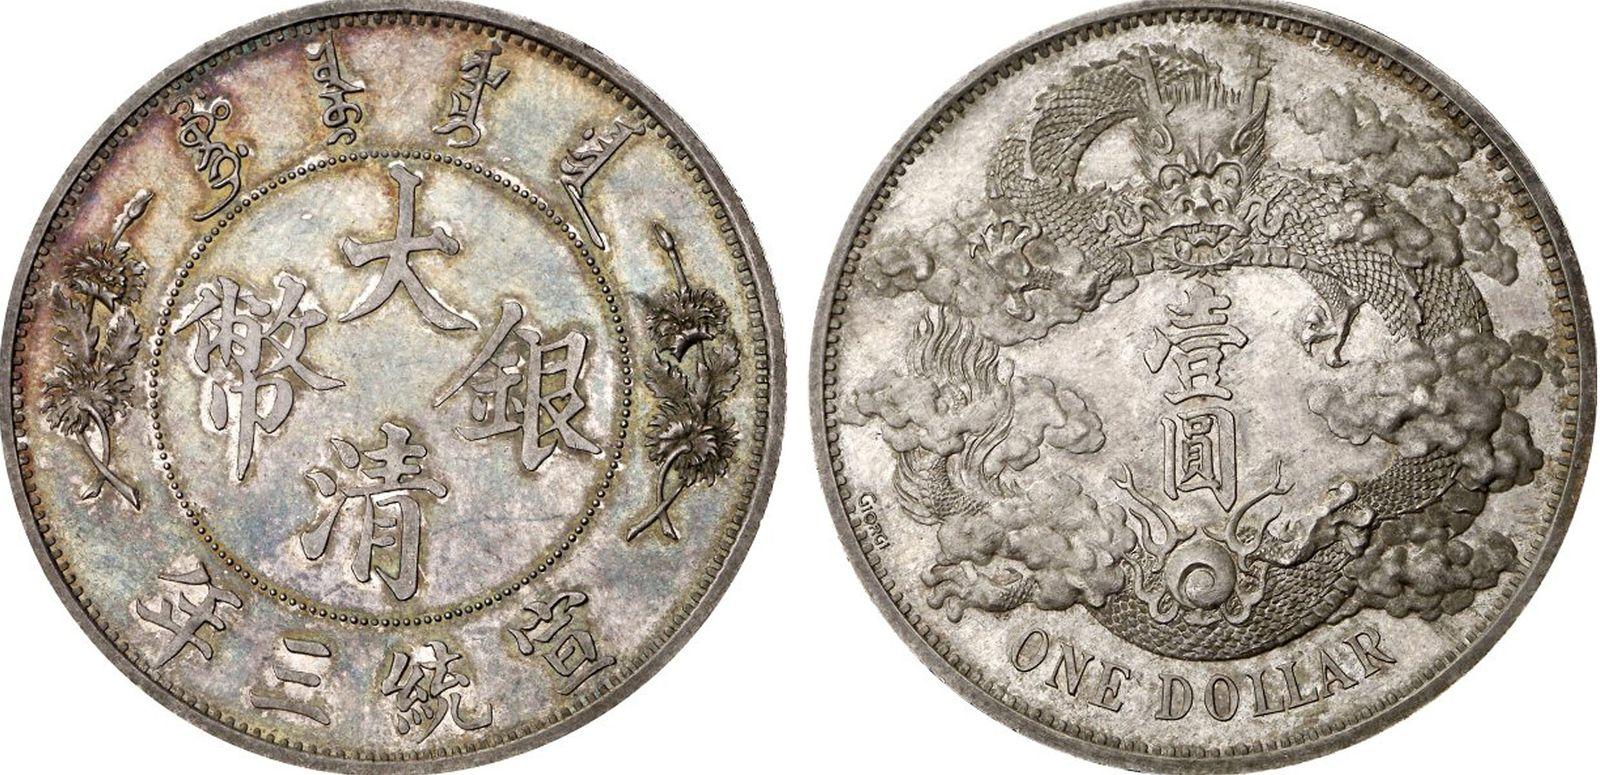 Chinesische Münze versteigert